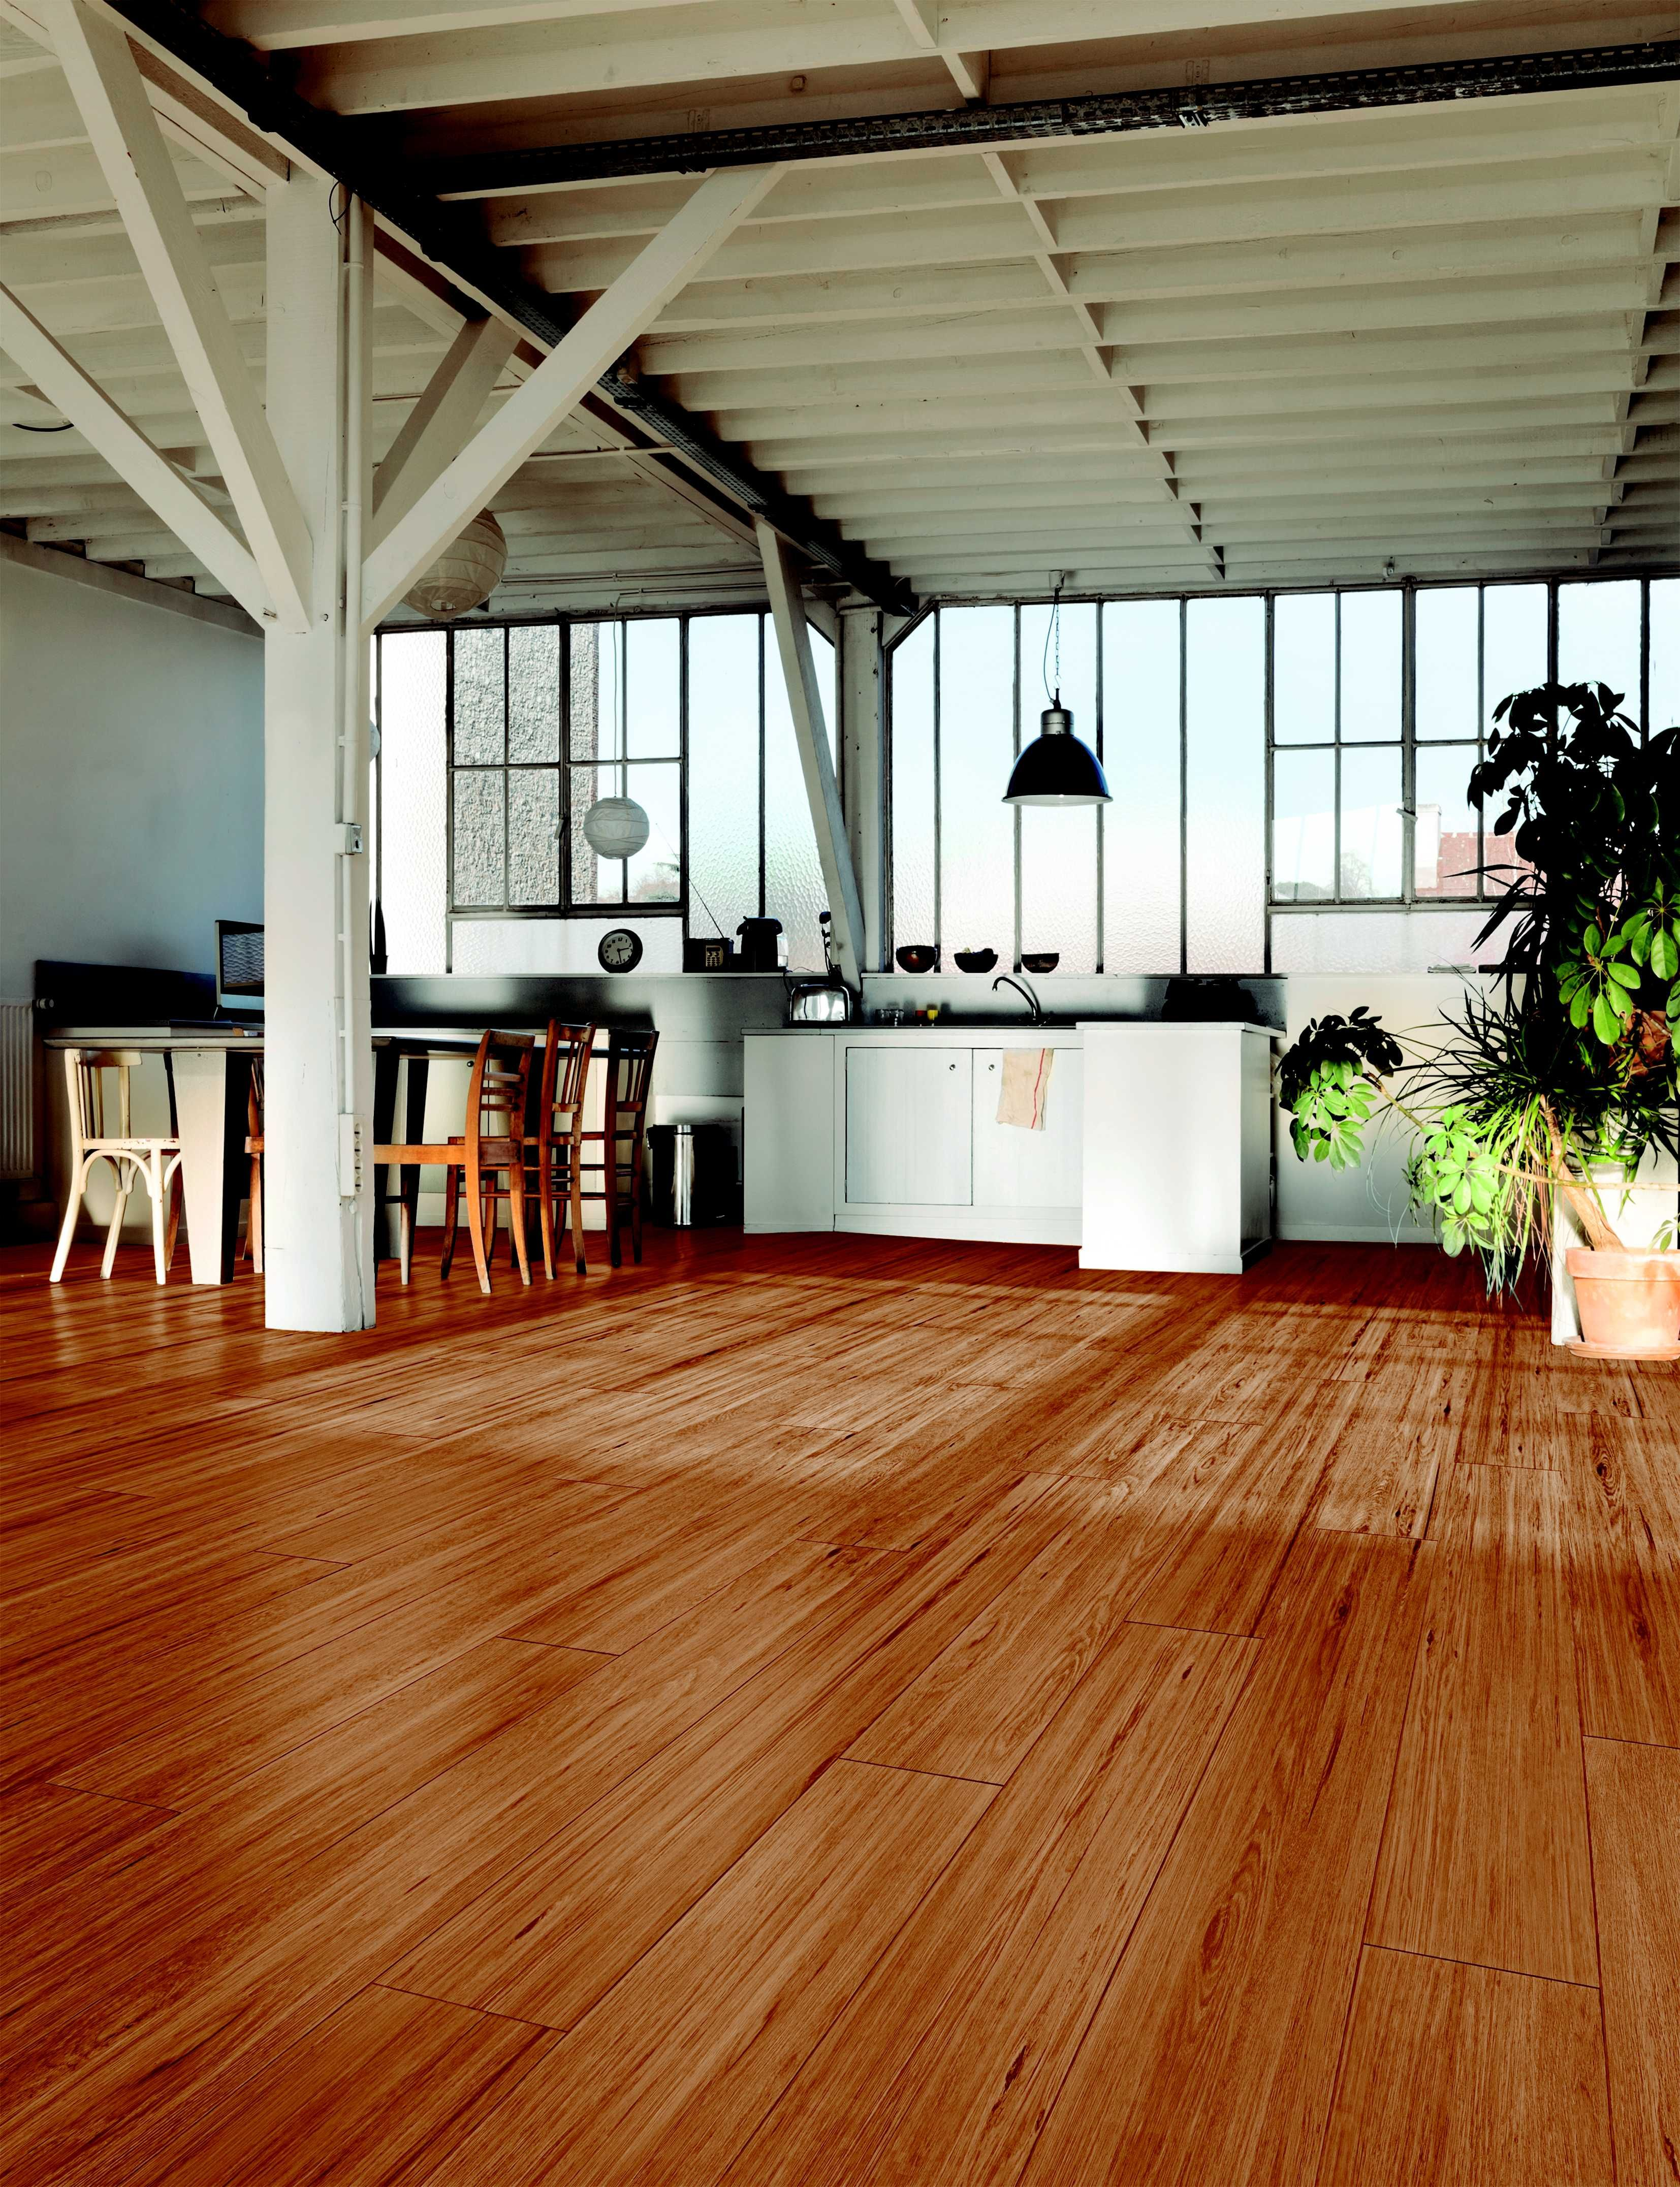 Pavimento imitaci³n madera ZAITUN 1ª 20x114 Pavimentos imitaci³n a madera